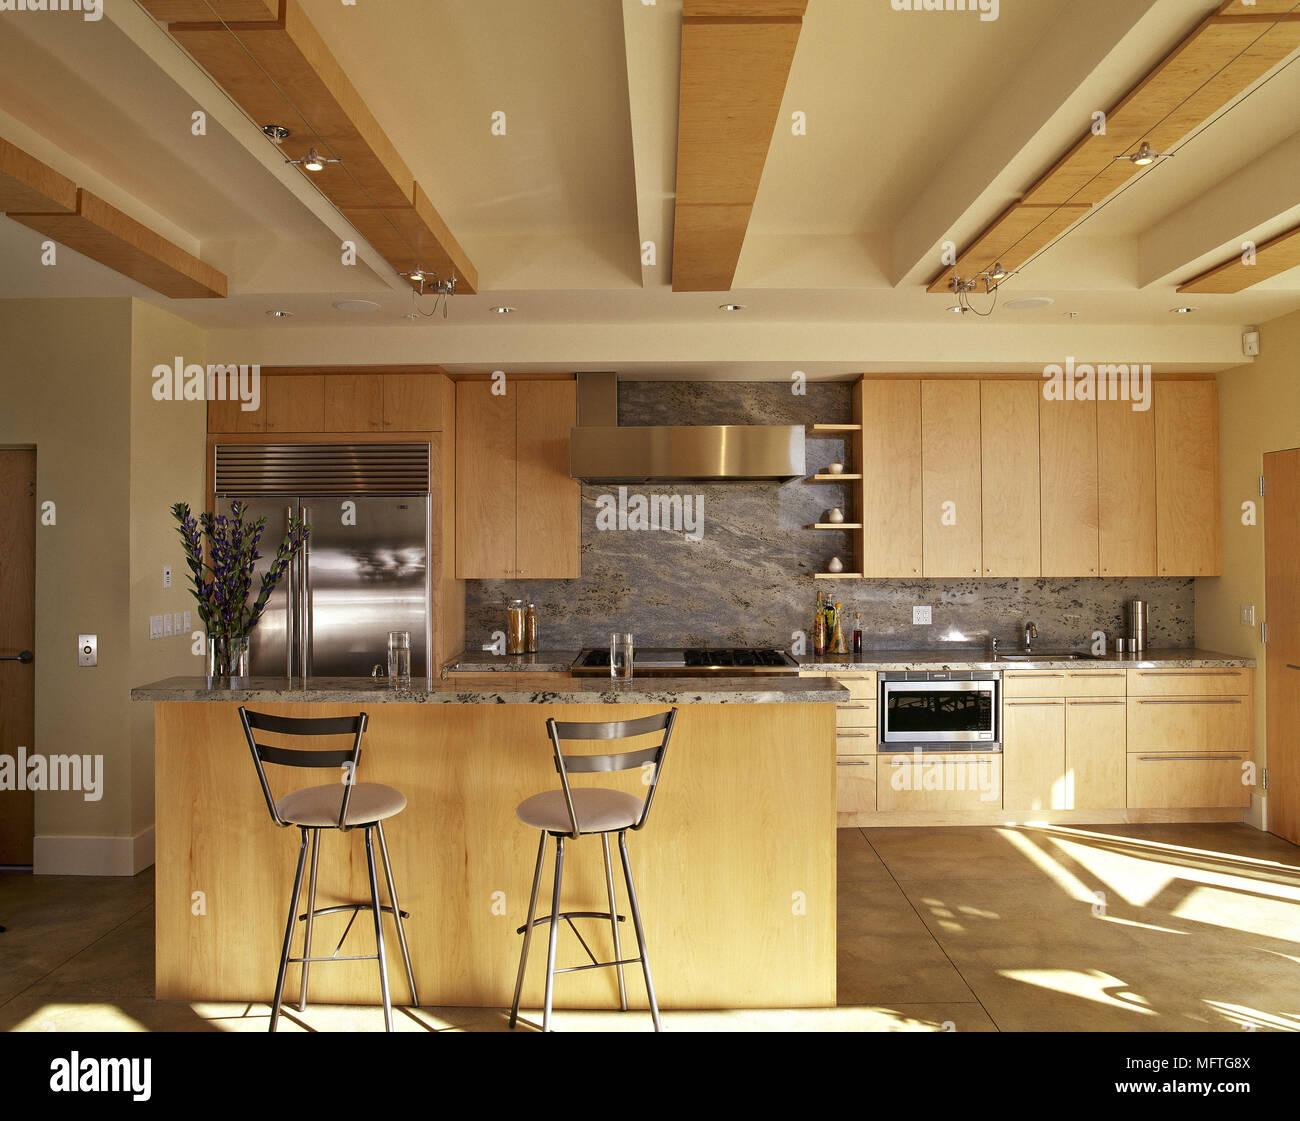 Relativ Moderne Küche mit holzpaneele an der Decke und Holz Stockfoto QU29